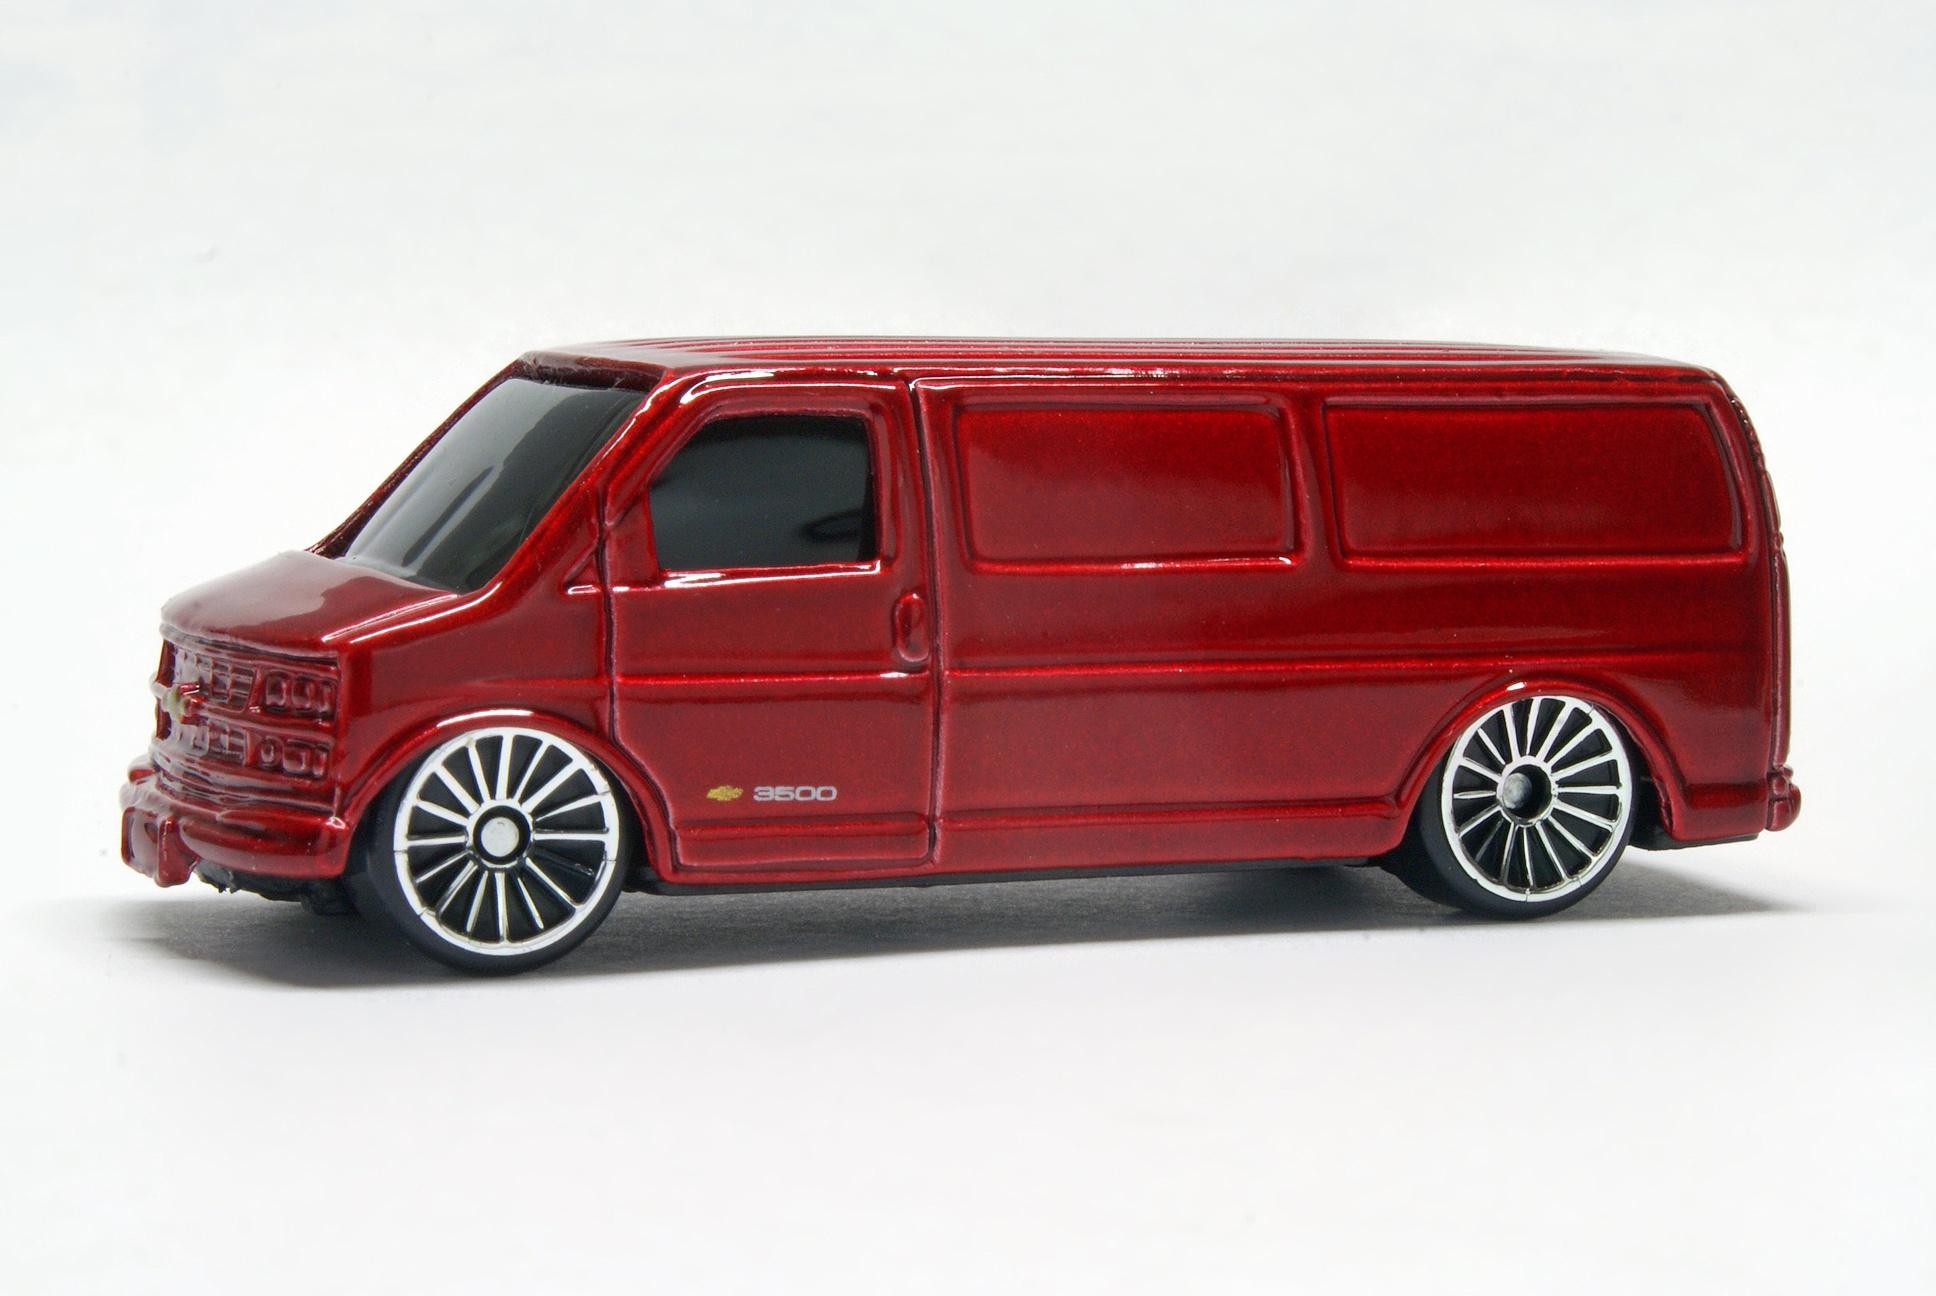 2000 Chevy Express Van | Maisto Diecast Wiki | FANDOM ...